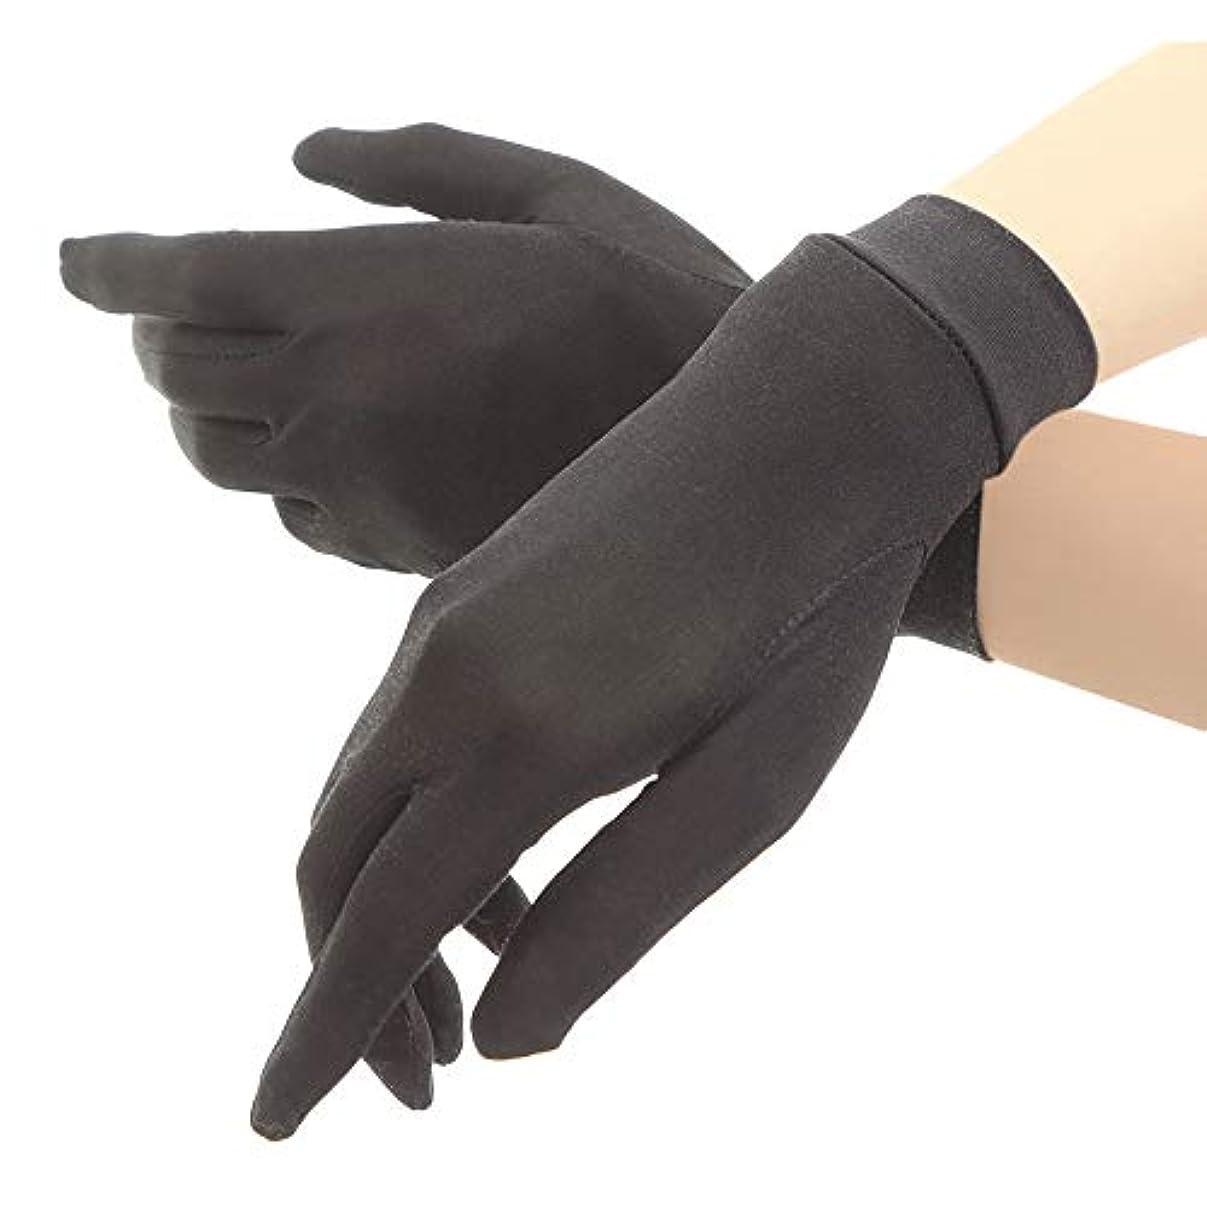 成人期洪水家族シルク手袋 レディース 手袋 シルク 絹 ハンド ケア 保湿 紫外線 肌荒れ 乾燥 サイズアップで手指にマッチ 【macch】